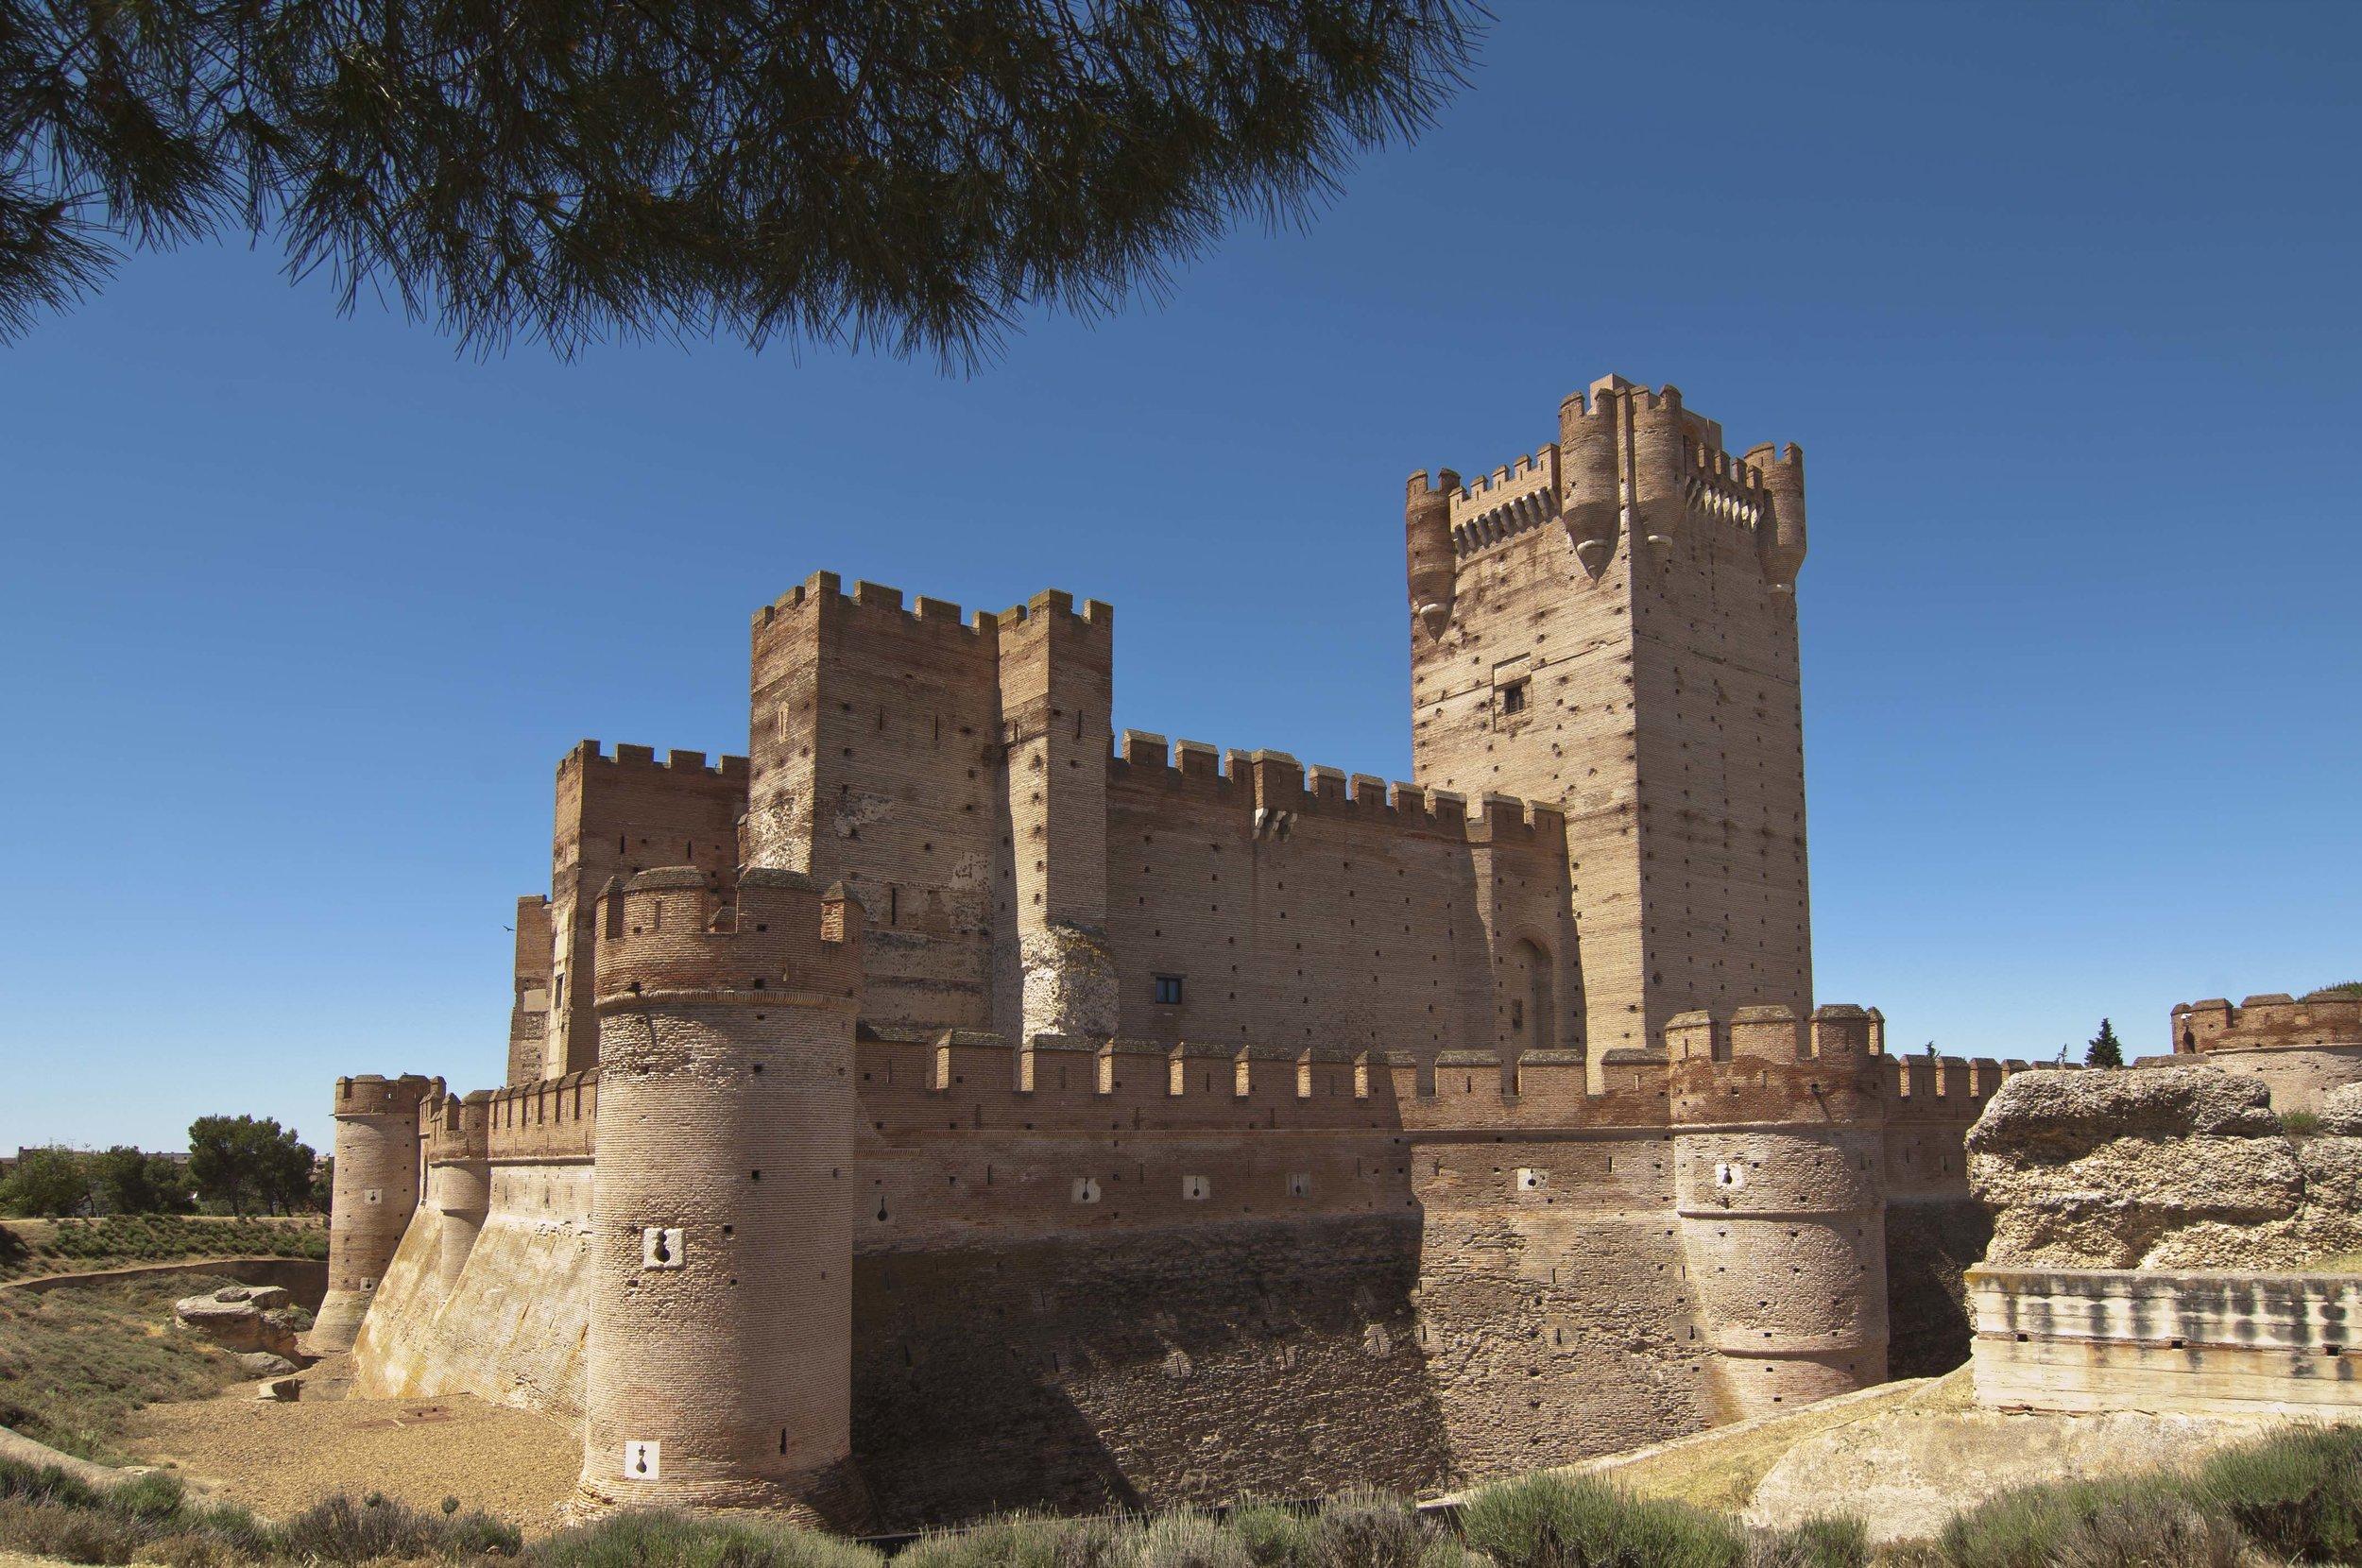 Los castillos más bonitos de España - Castillo de la Mota (Medina del Campo) / Foto:  @cylesvida